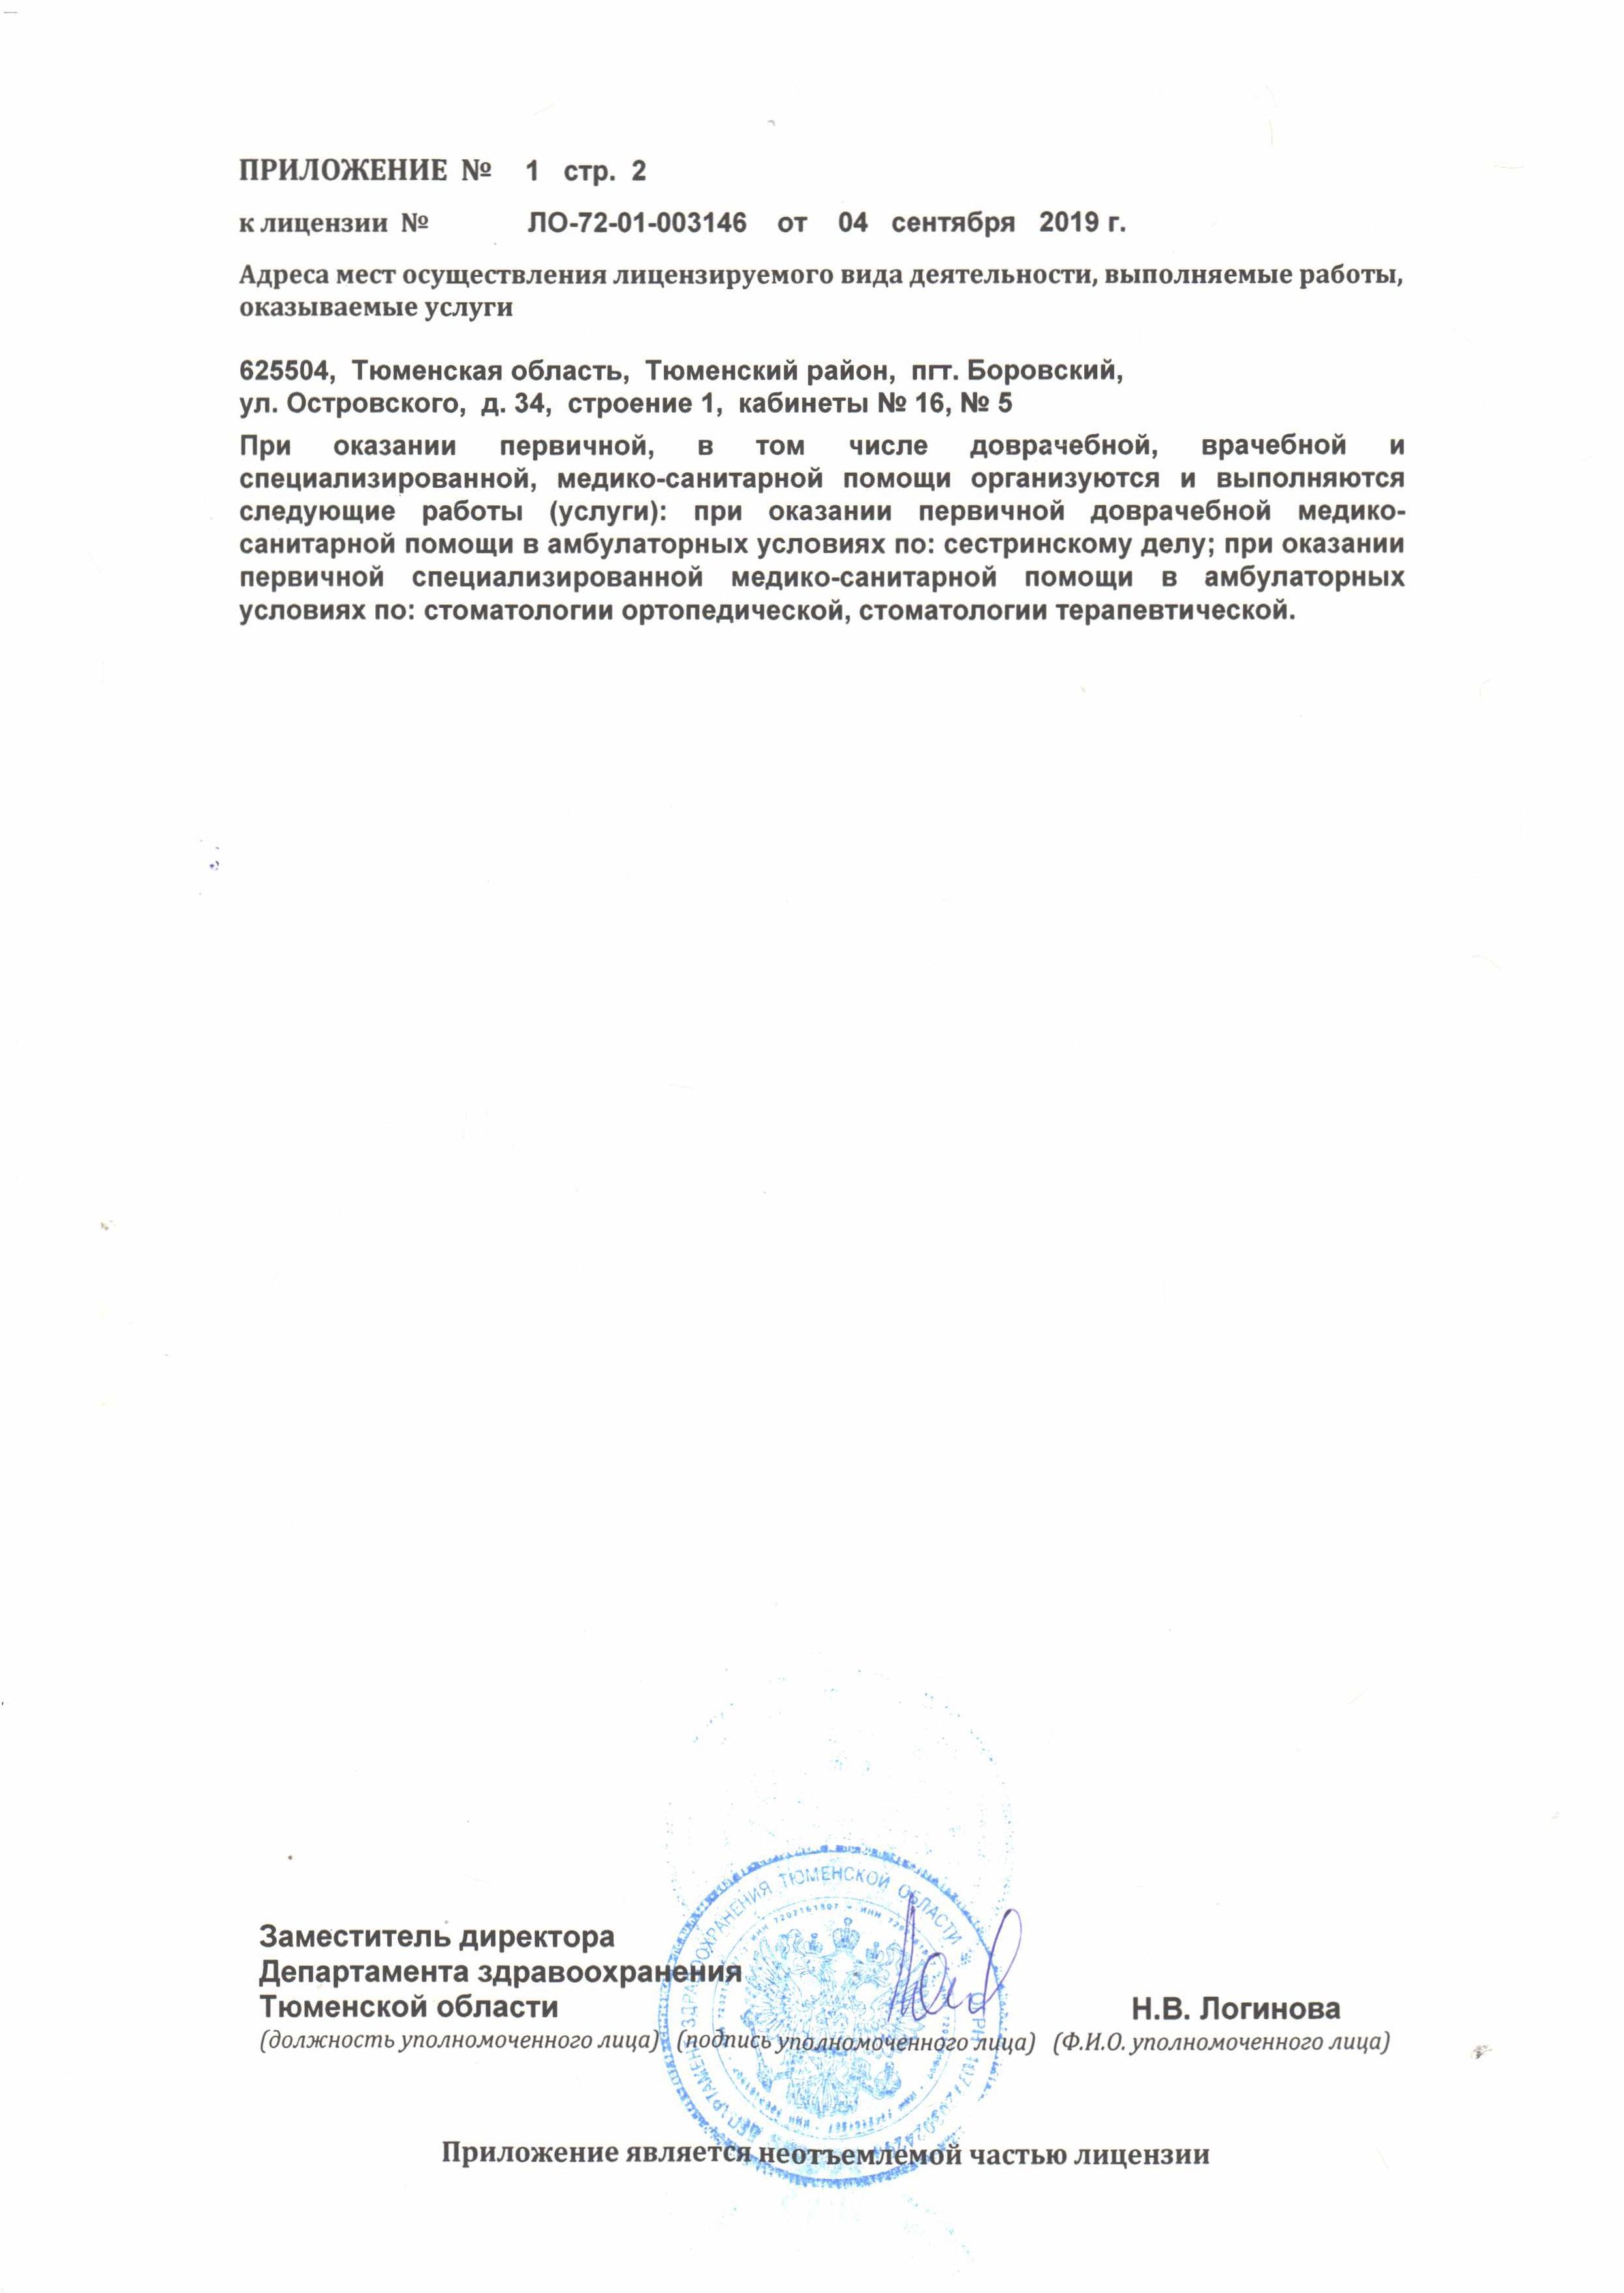 Приложение к лицензии на осуществление Медицинской деятельности